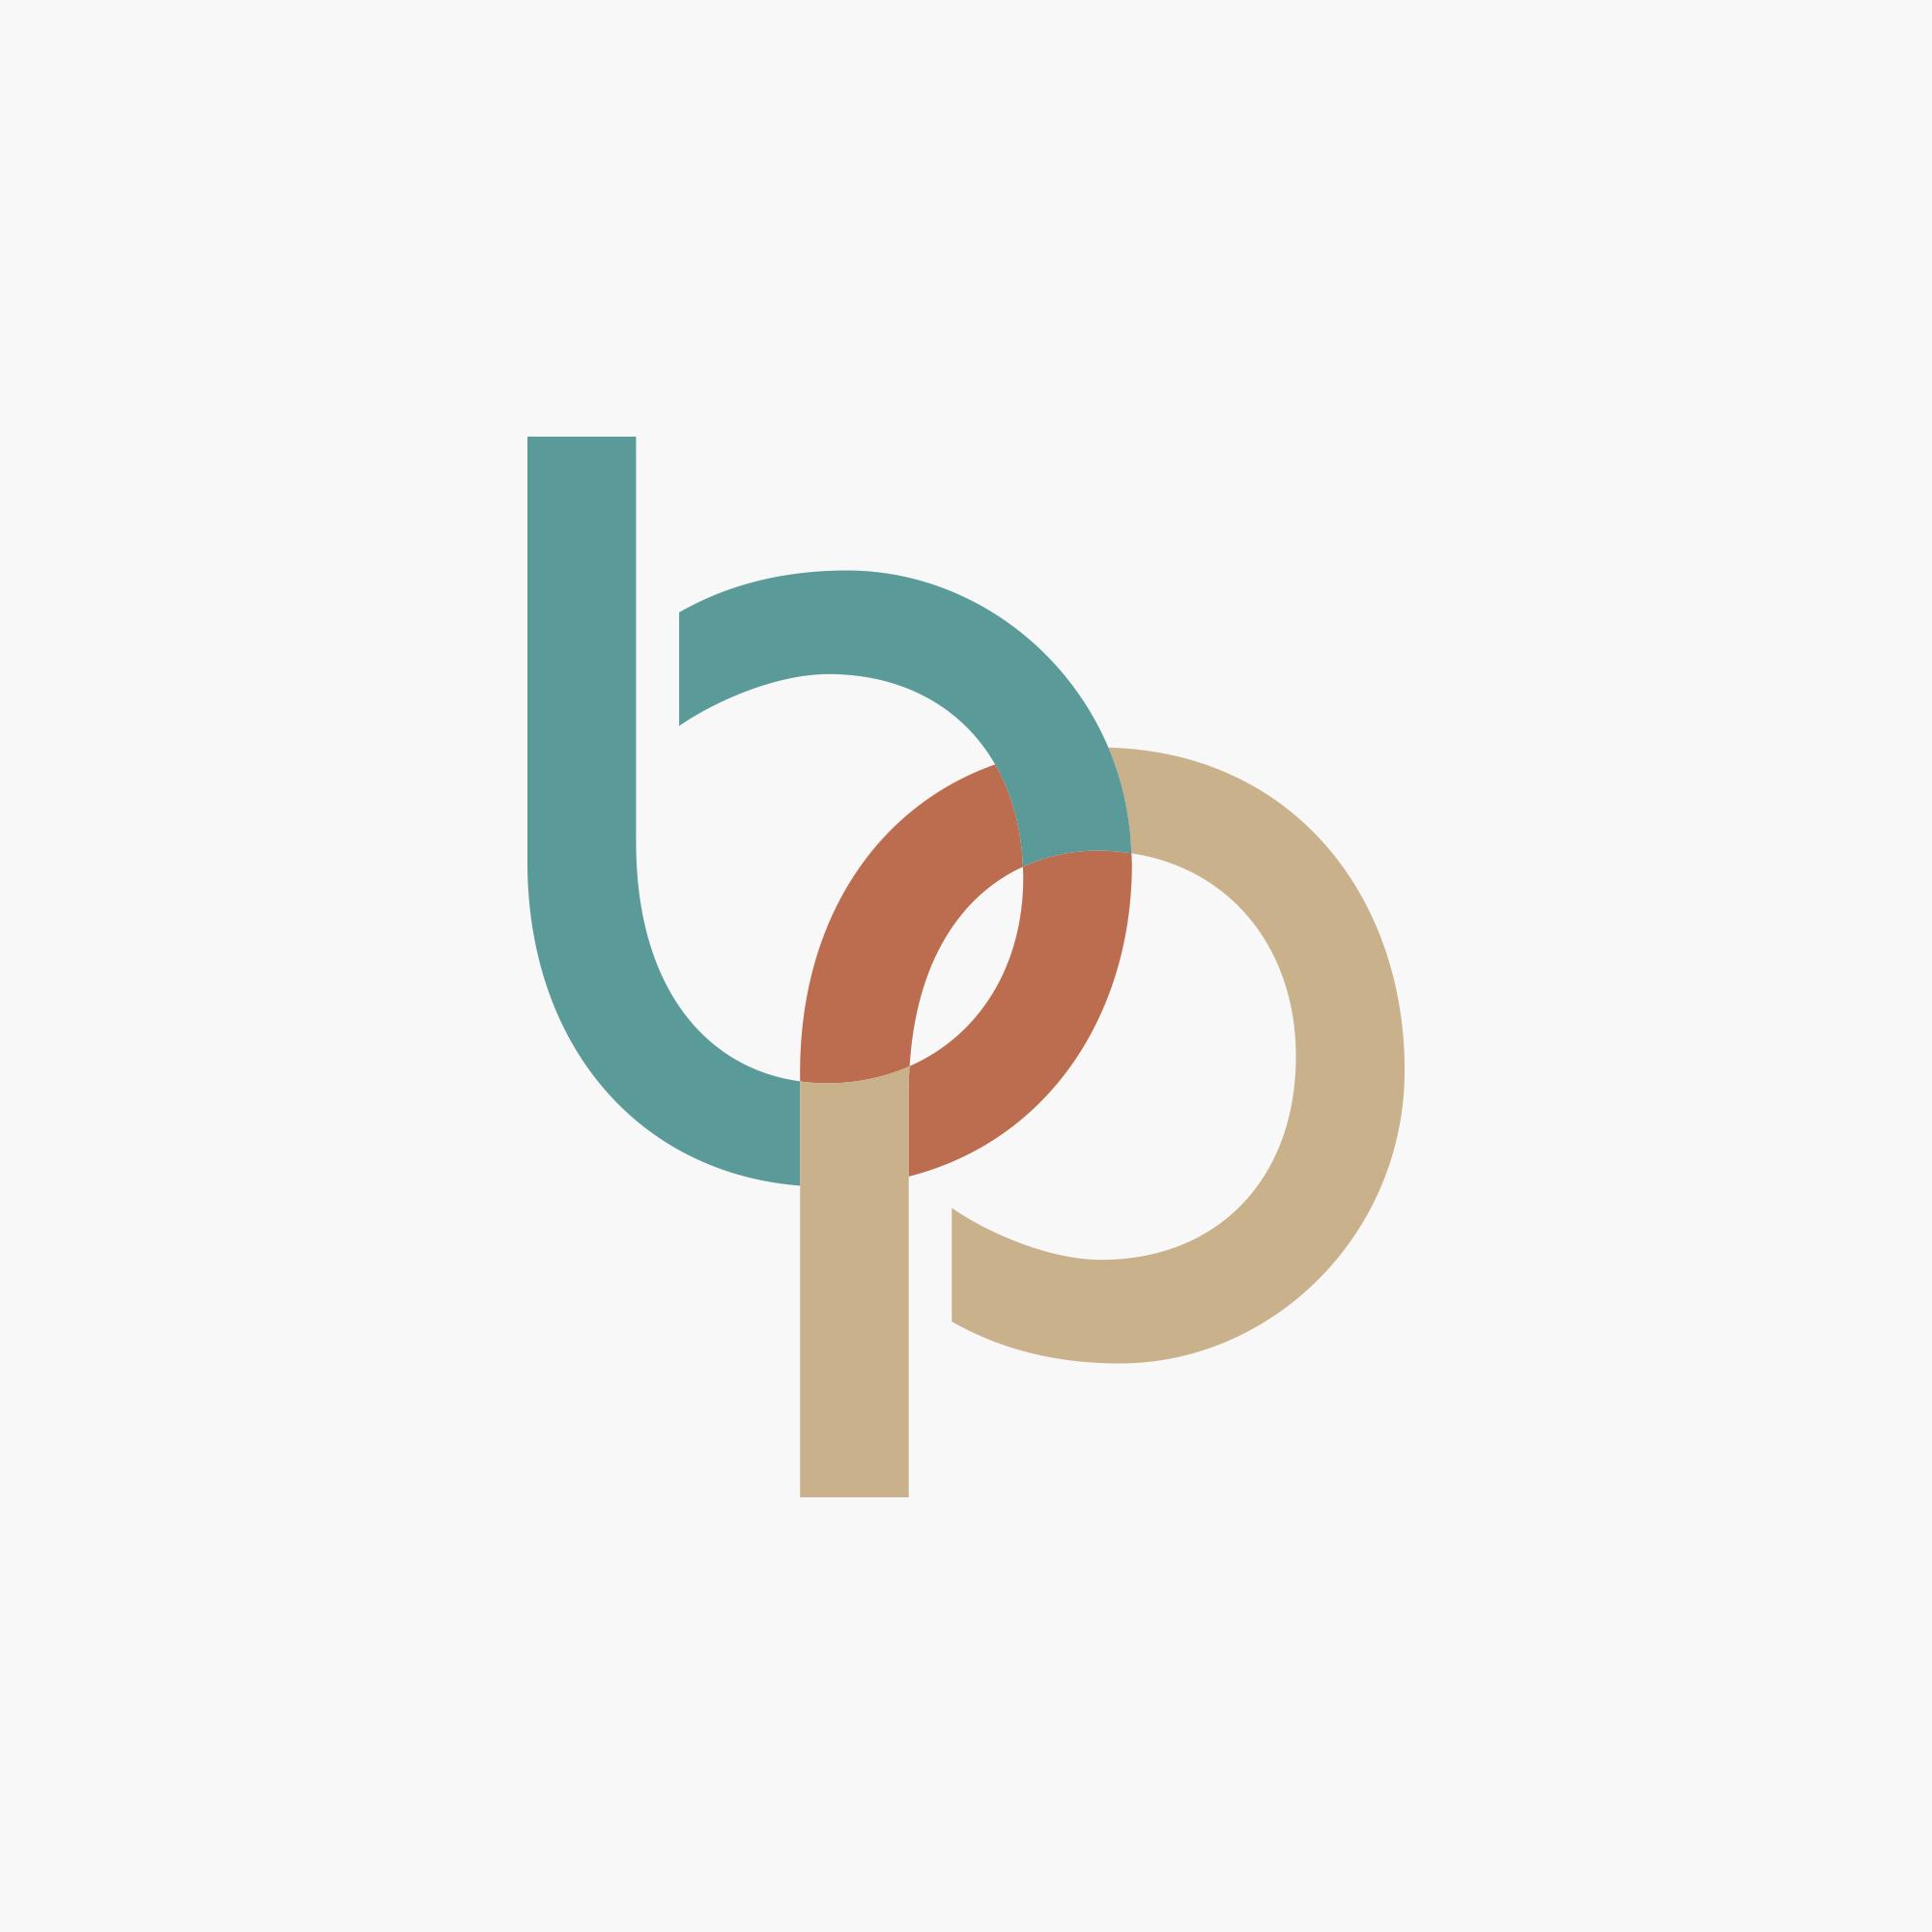 Logos_BellwetherMark@2x.png